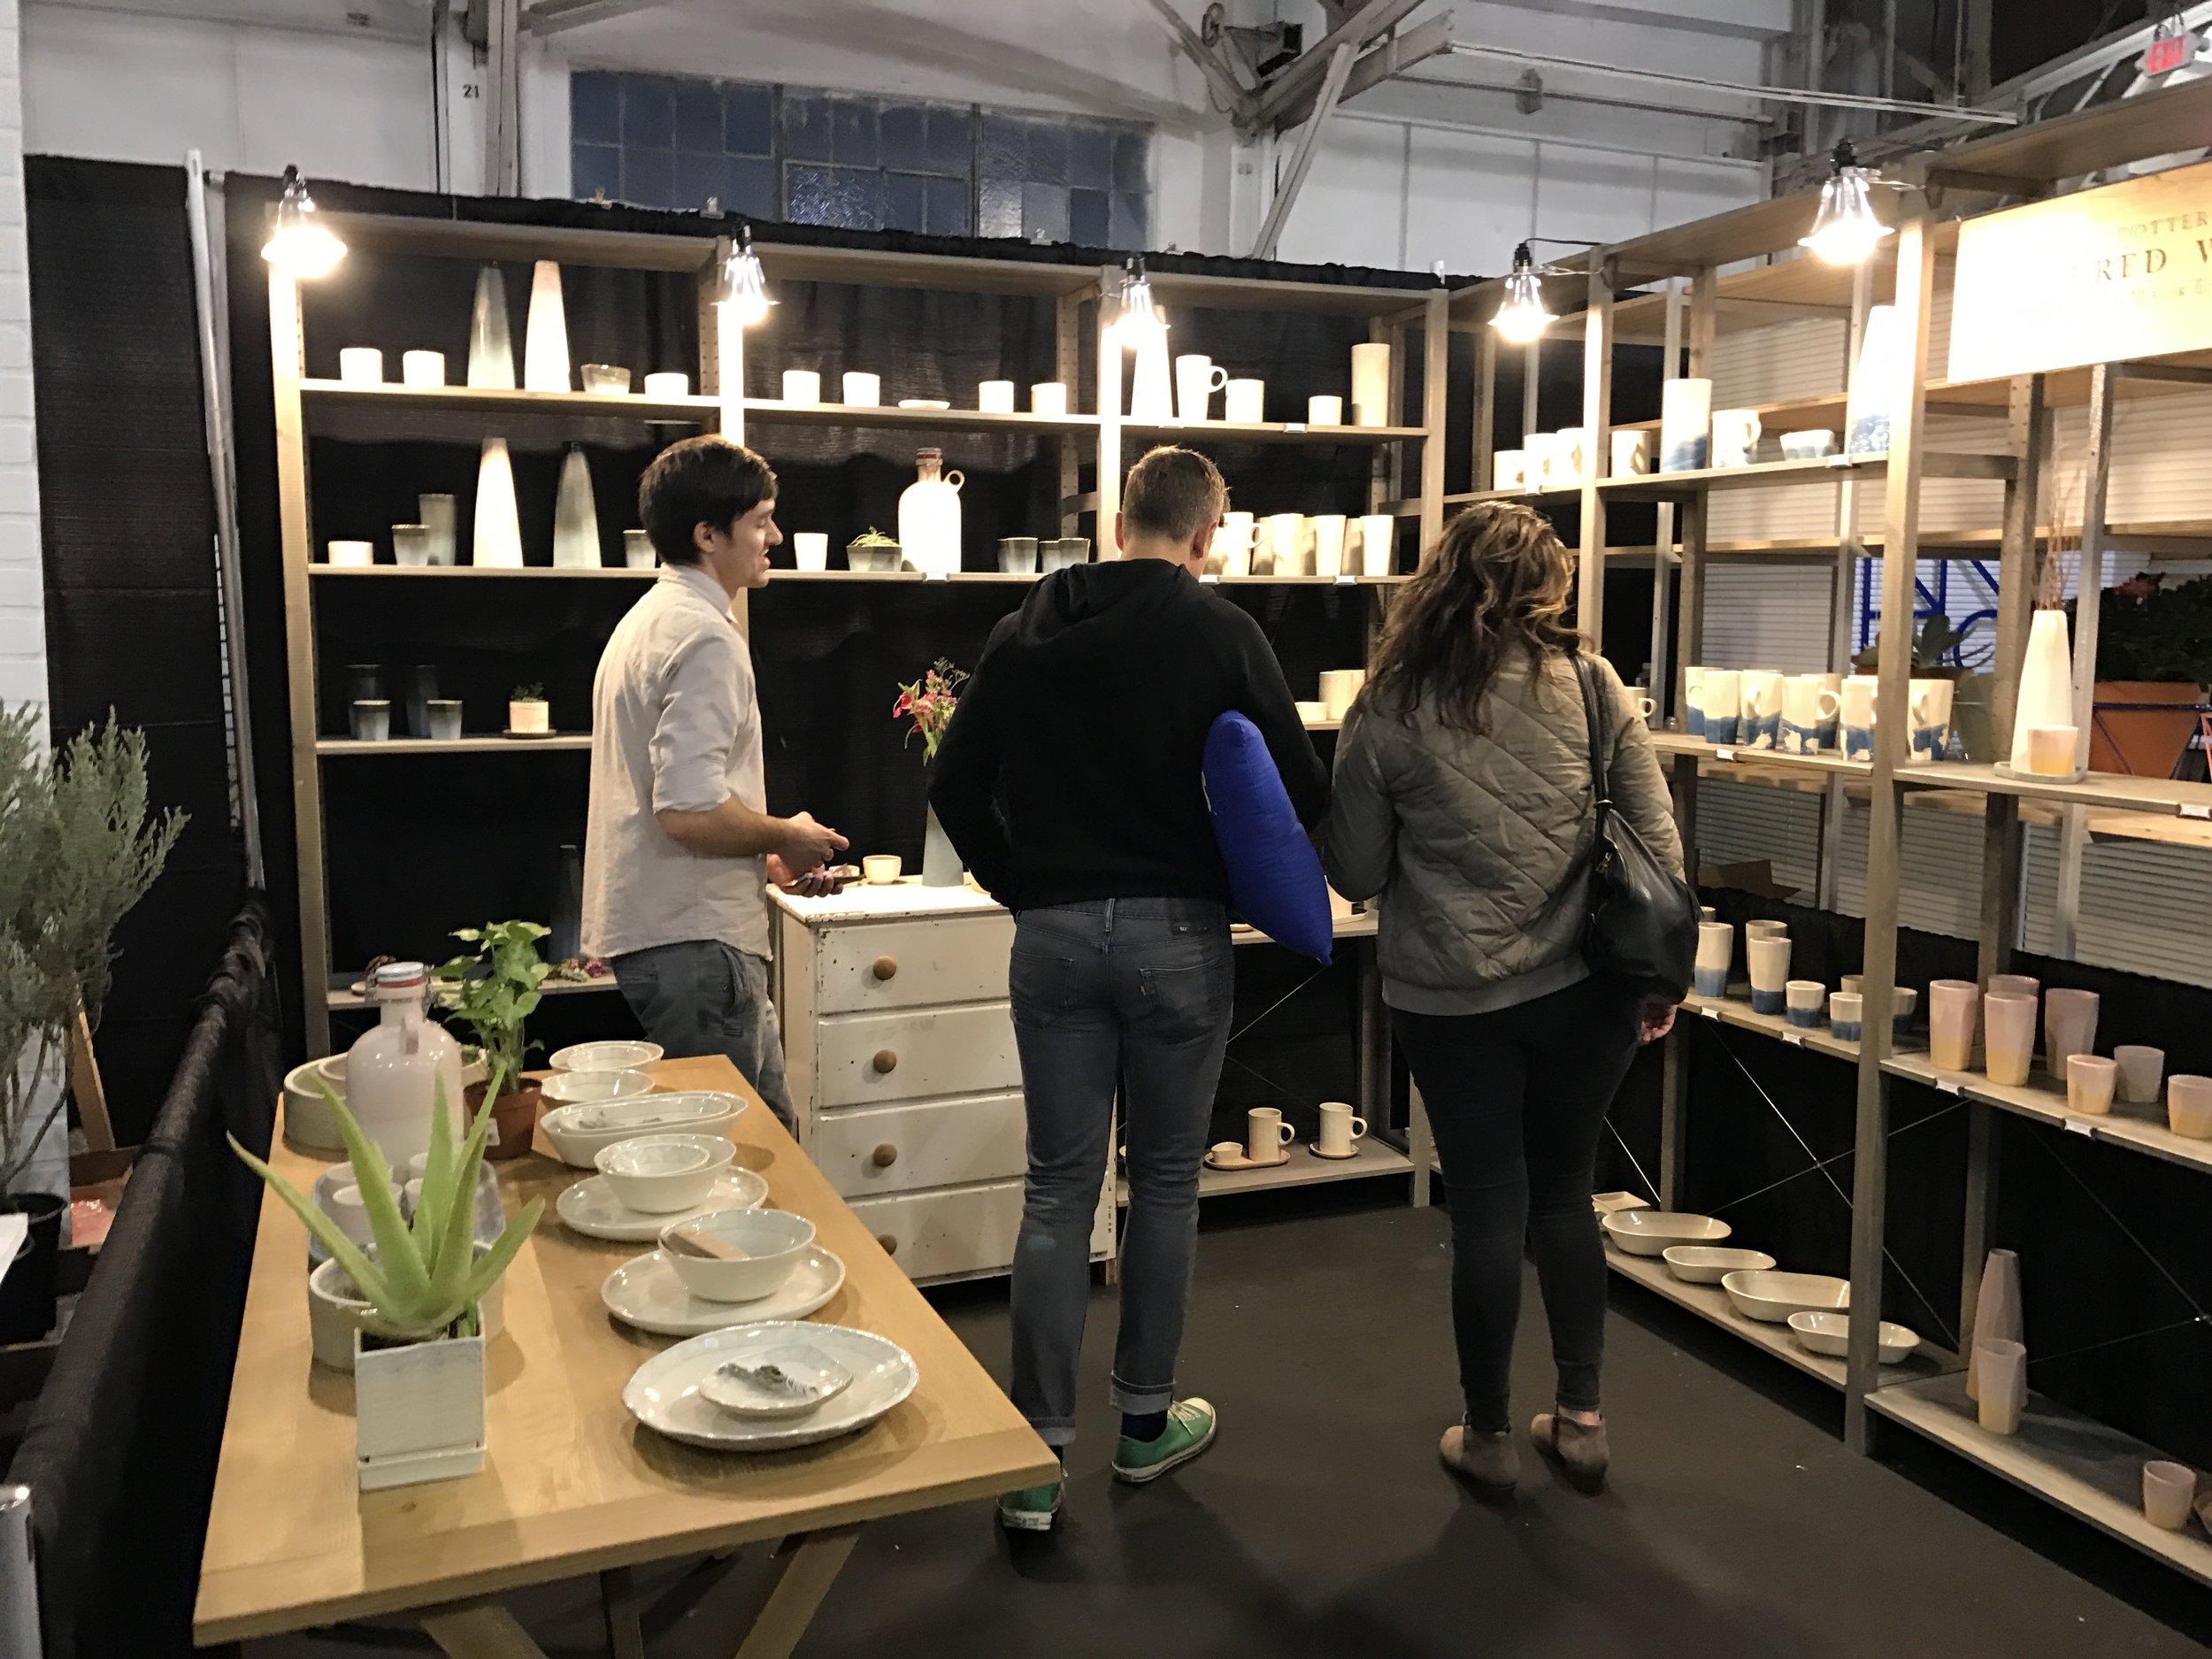 Scenes from last week's West Coast Craftfair